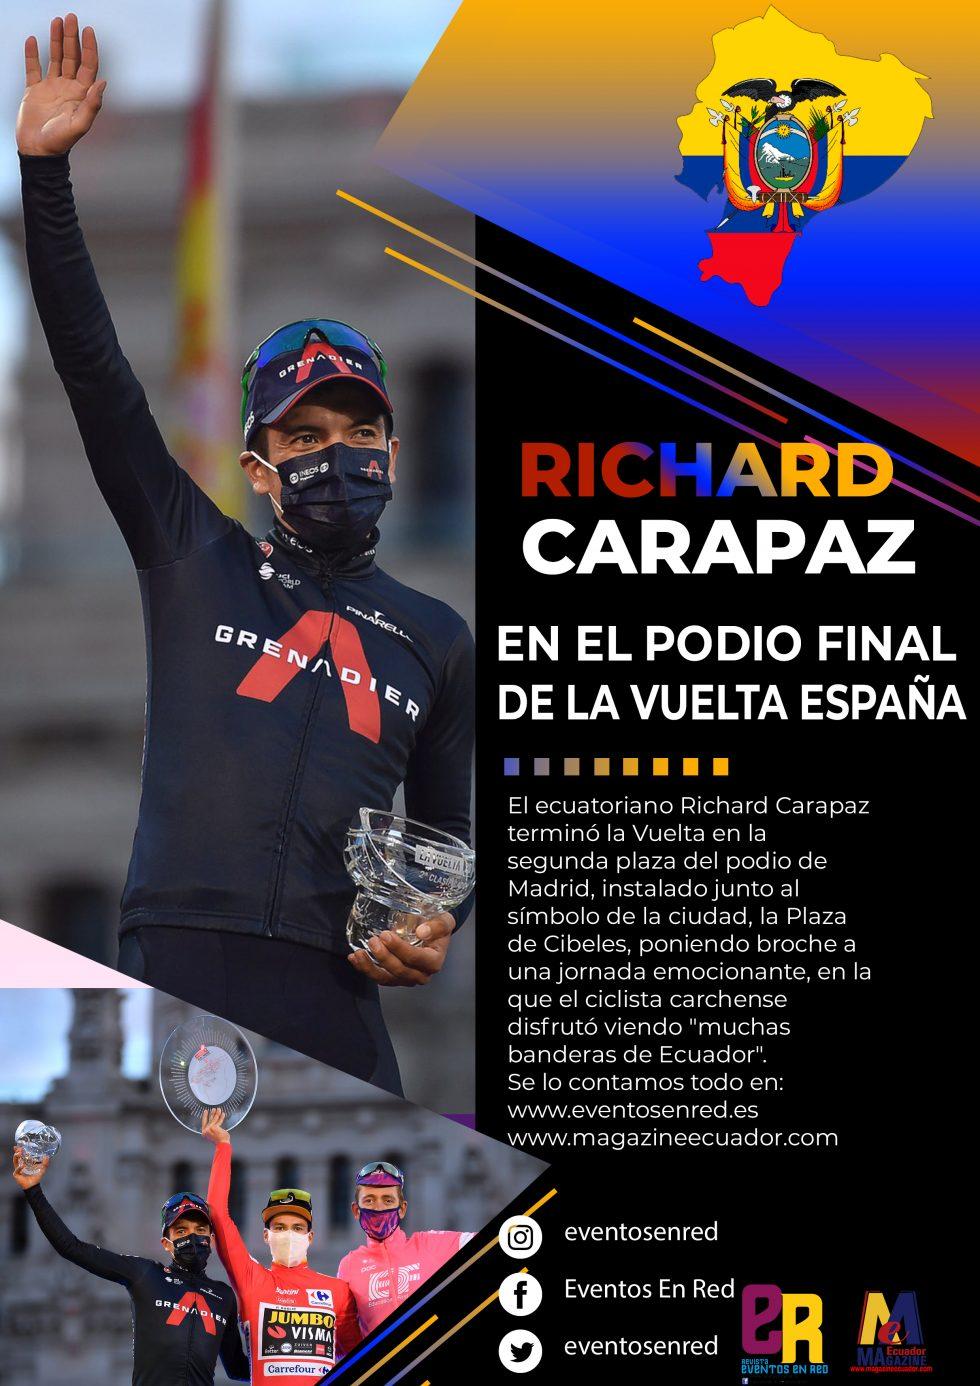 Richard Carapaz celebró el subcampeonato de la Vuelta a España con una multitud de ecuatorianos en Madrid